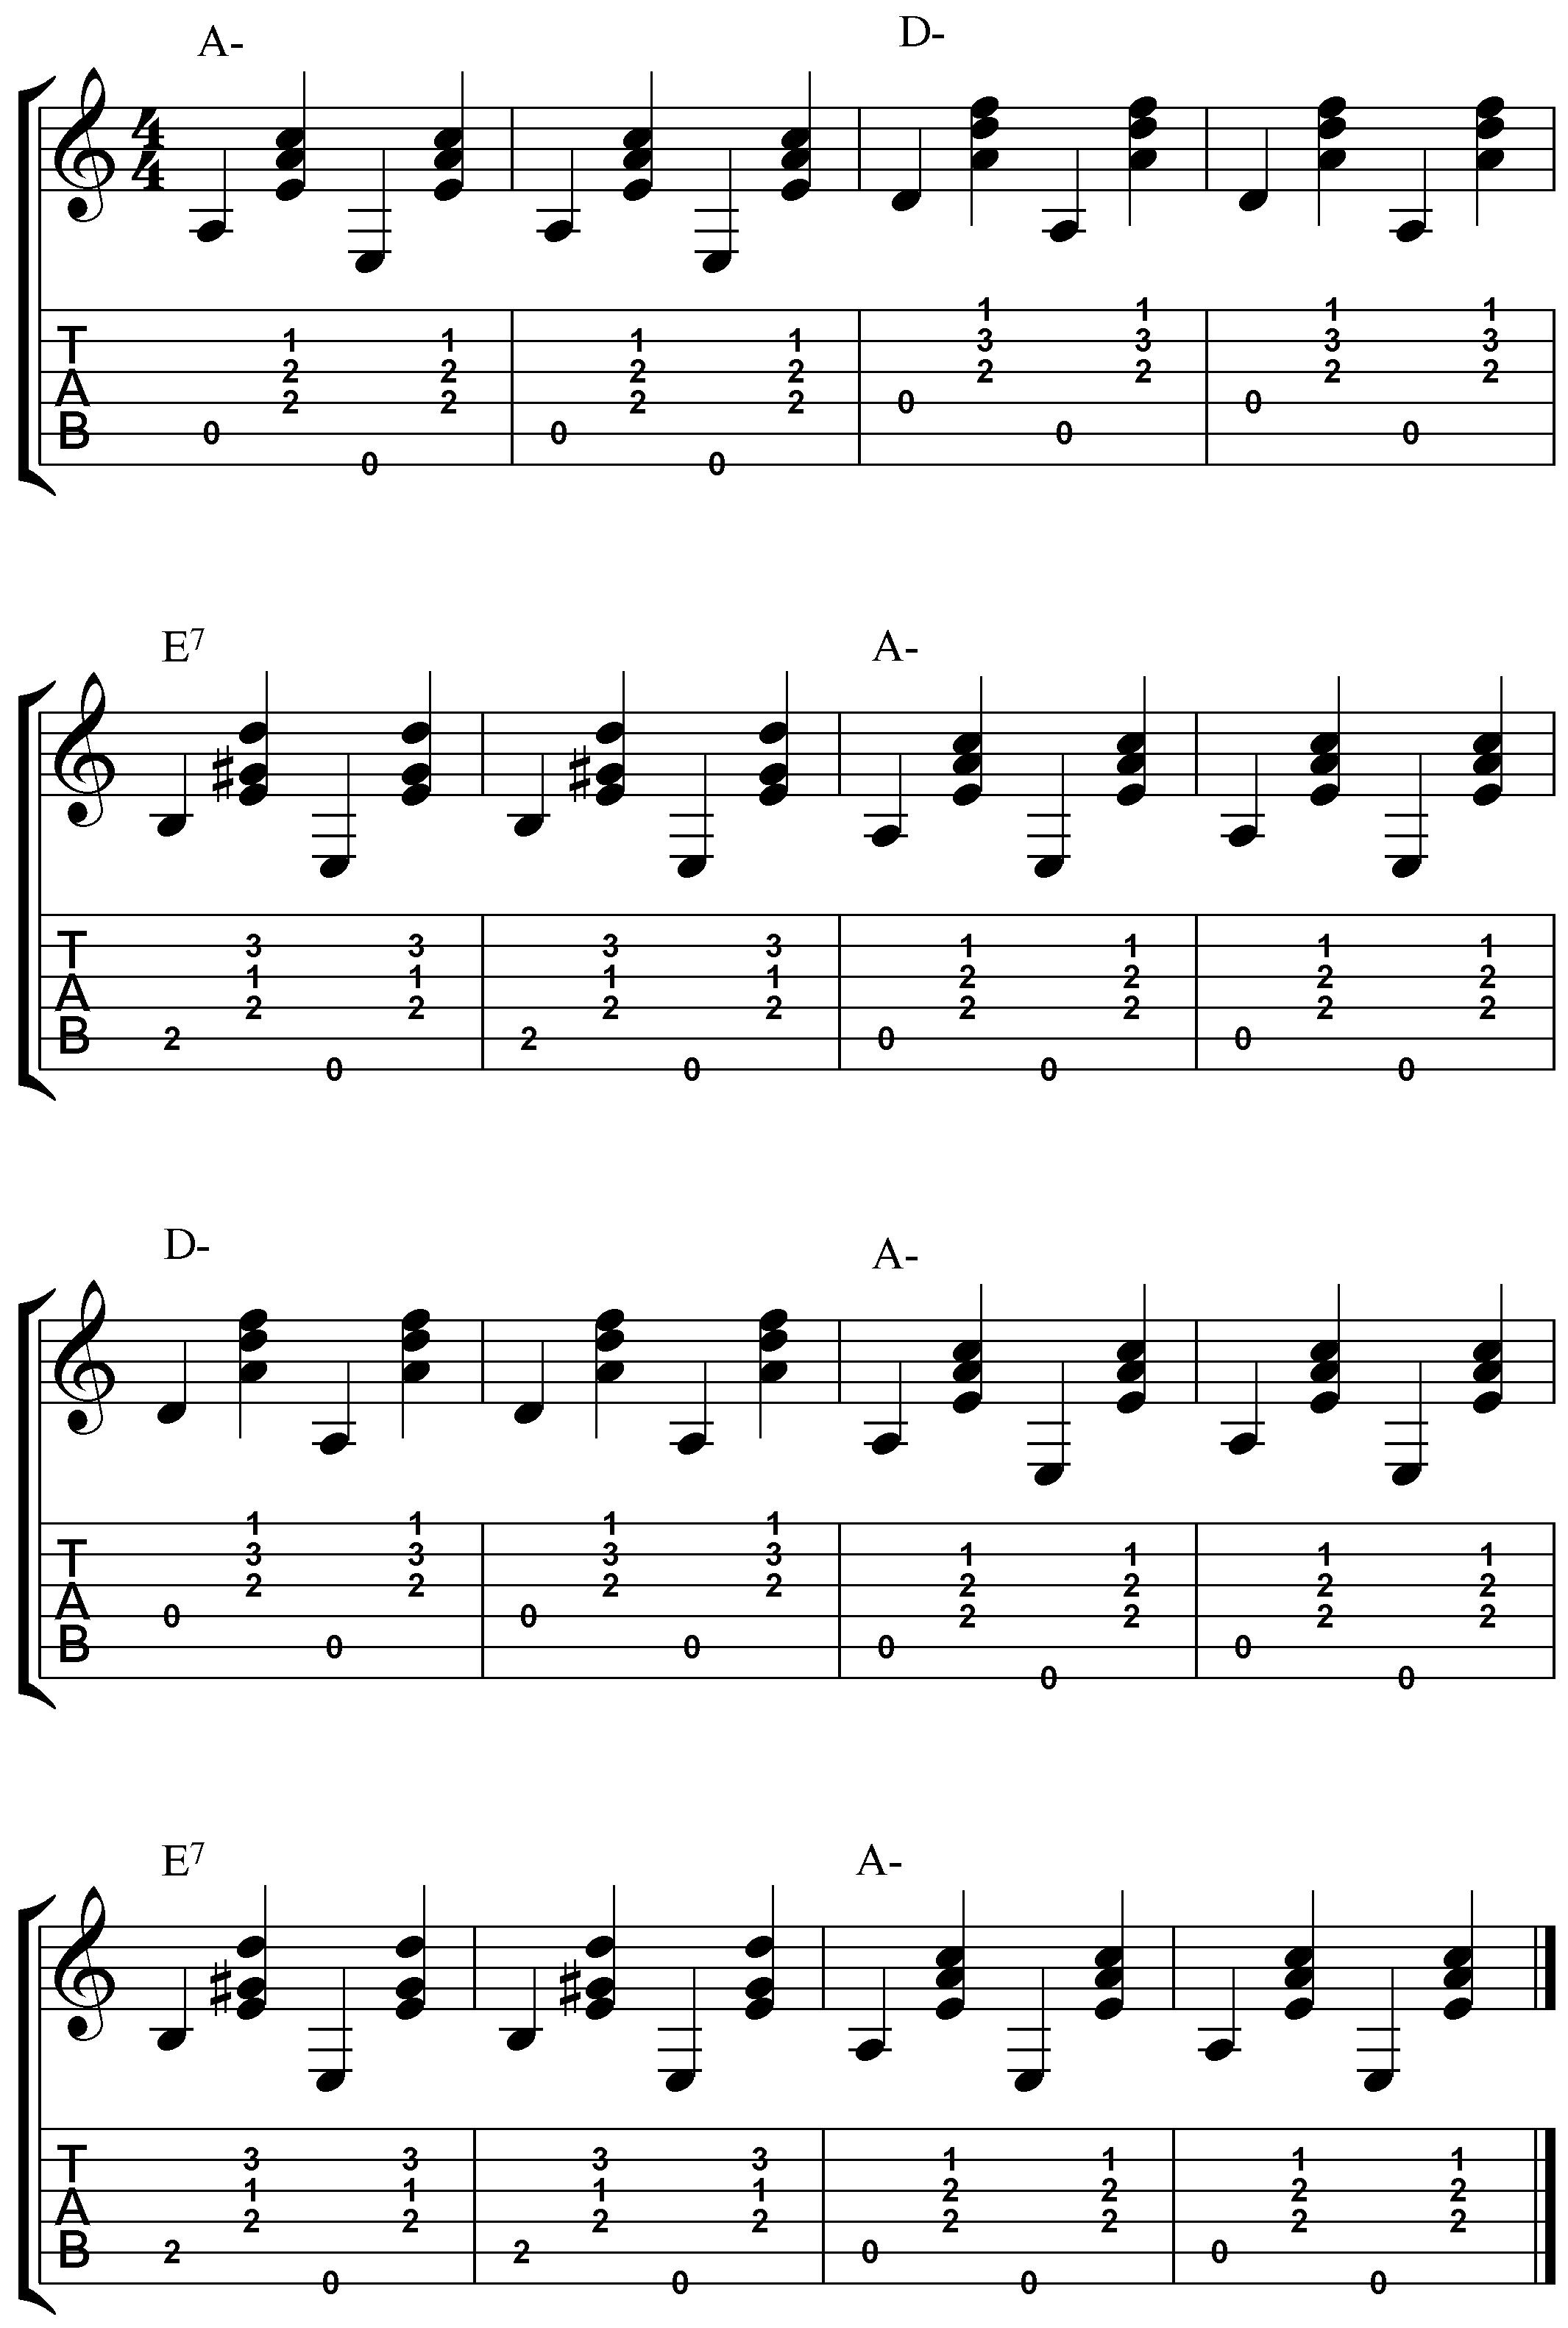 Minor swing chords easy version alternate bassg 21313164 minor swing chords easy version alternate bassg hexwebz Gallery